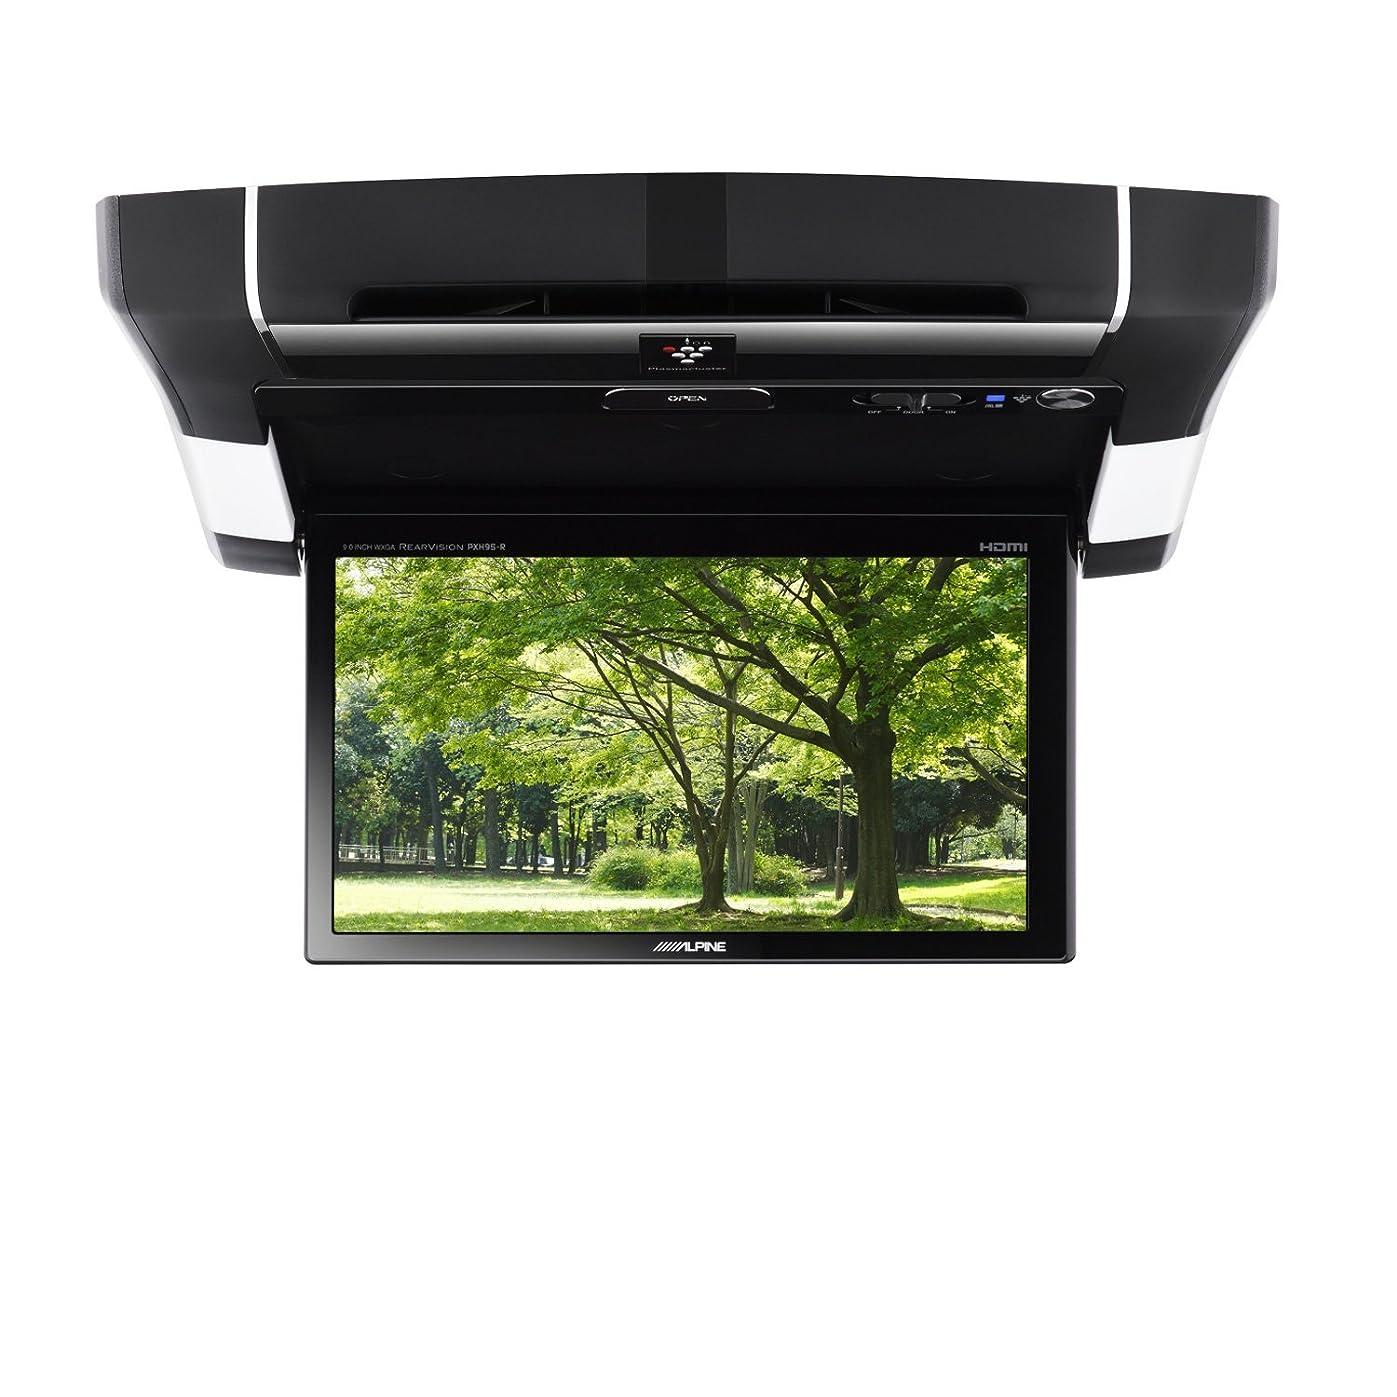 ご予約とティーム特別にALPINE(アルパイン) プラズマクラスター技術搭載 12.8型LED WXGAリアビジョン HDMI入力付き PXH12X-R-B